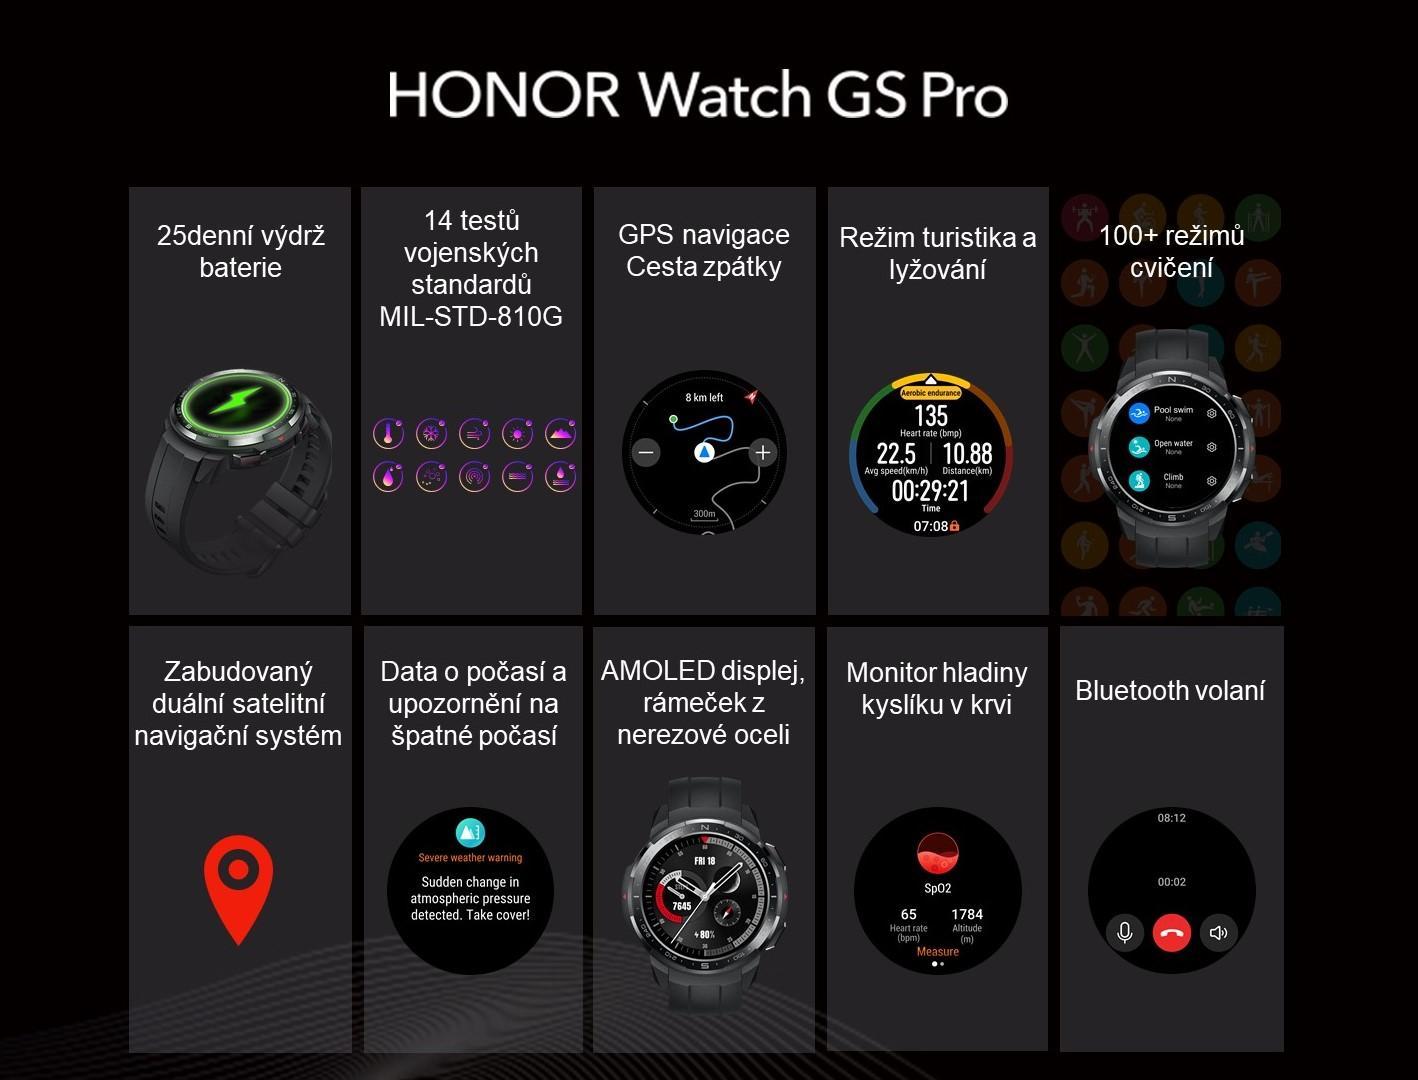 C:\Users\d84171079\Desktop\HONOR Watch GS Pro Funkce.jpg